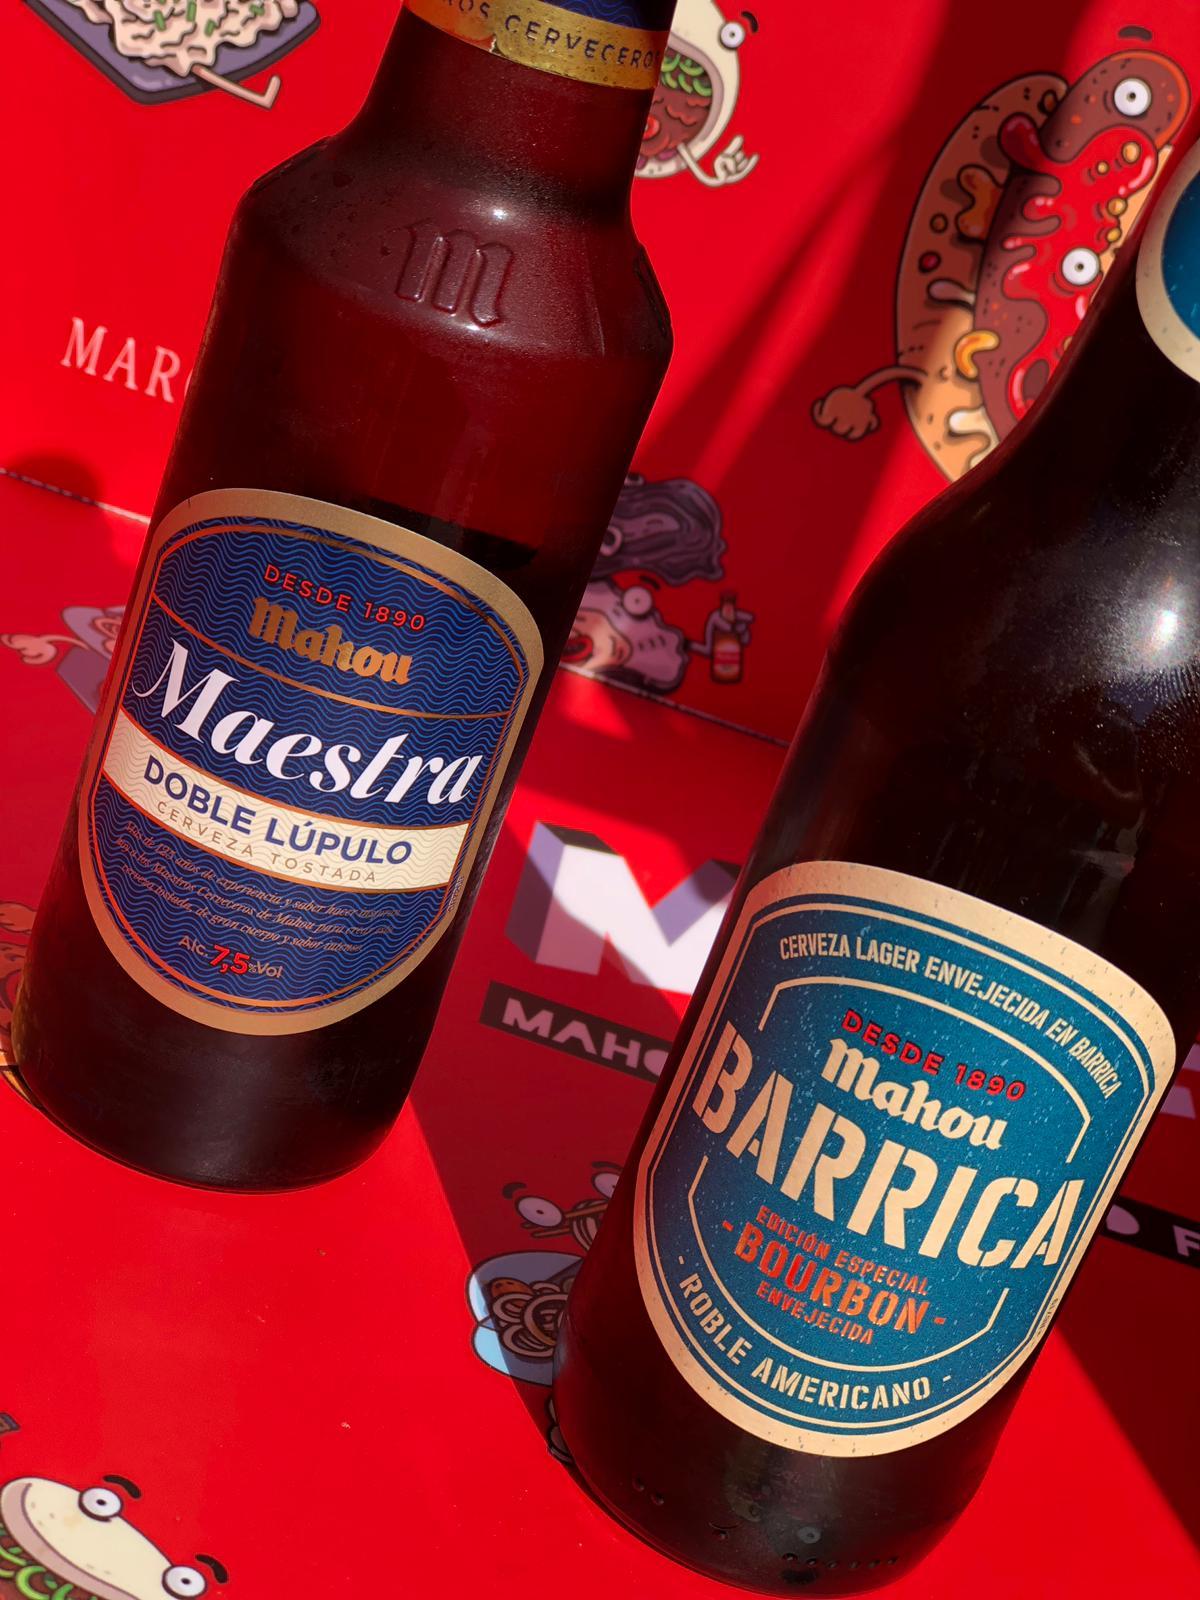 Disfruta con Mahou de los últimos rayos de sol, con cerveza, música y la mejor gastronomía.